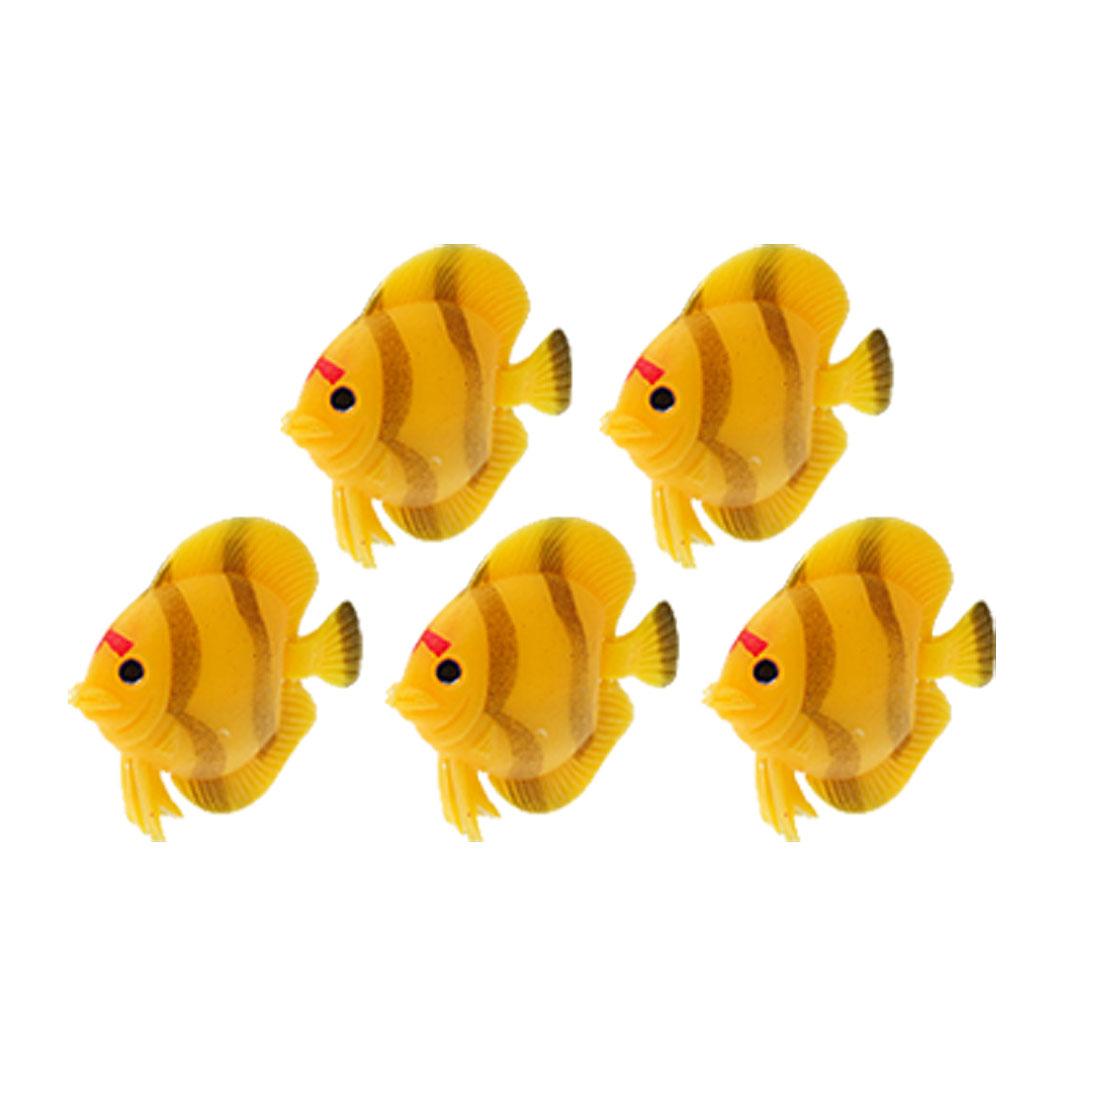 Aquarium Tank Ornament Plastic Fish w. Flexible Tail